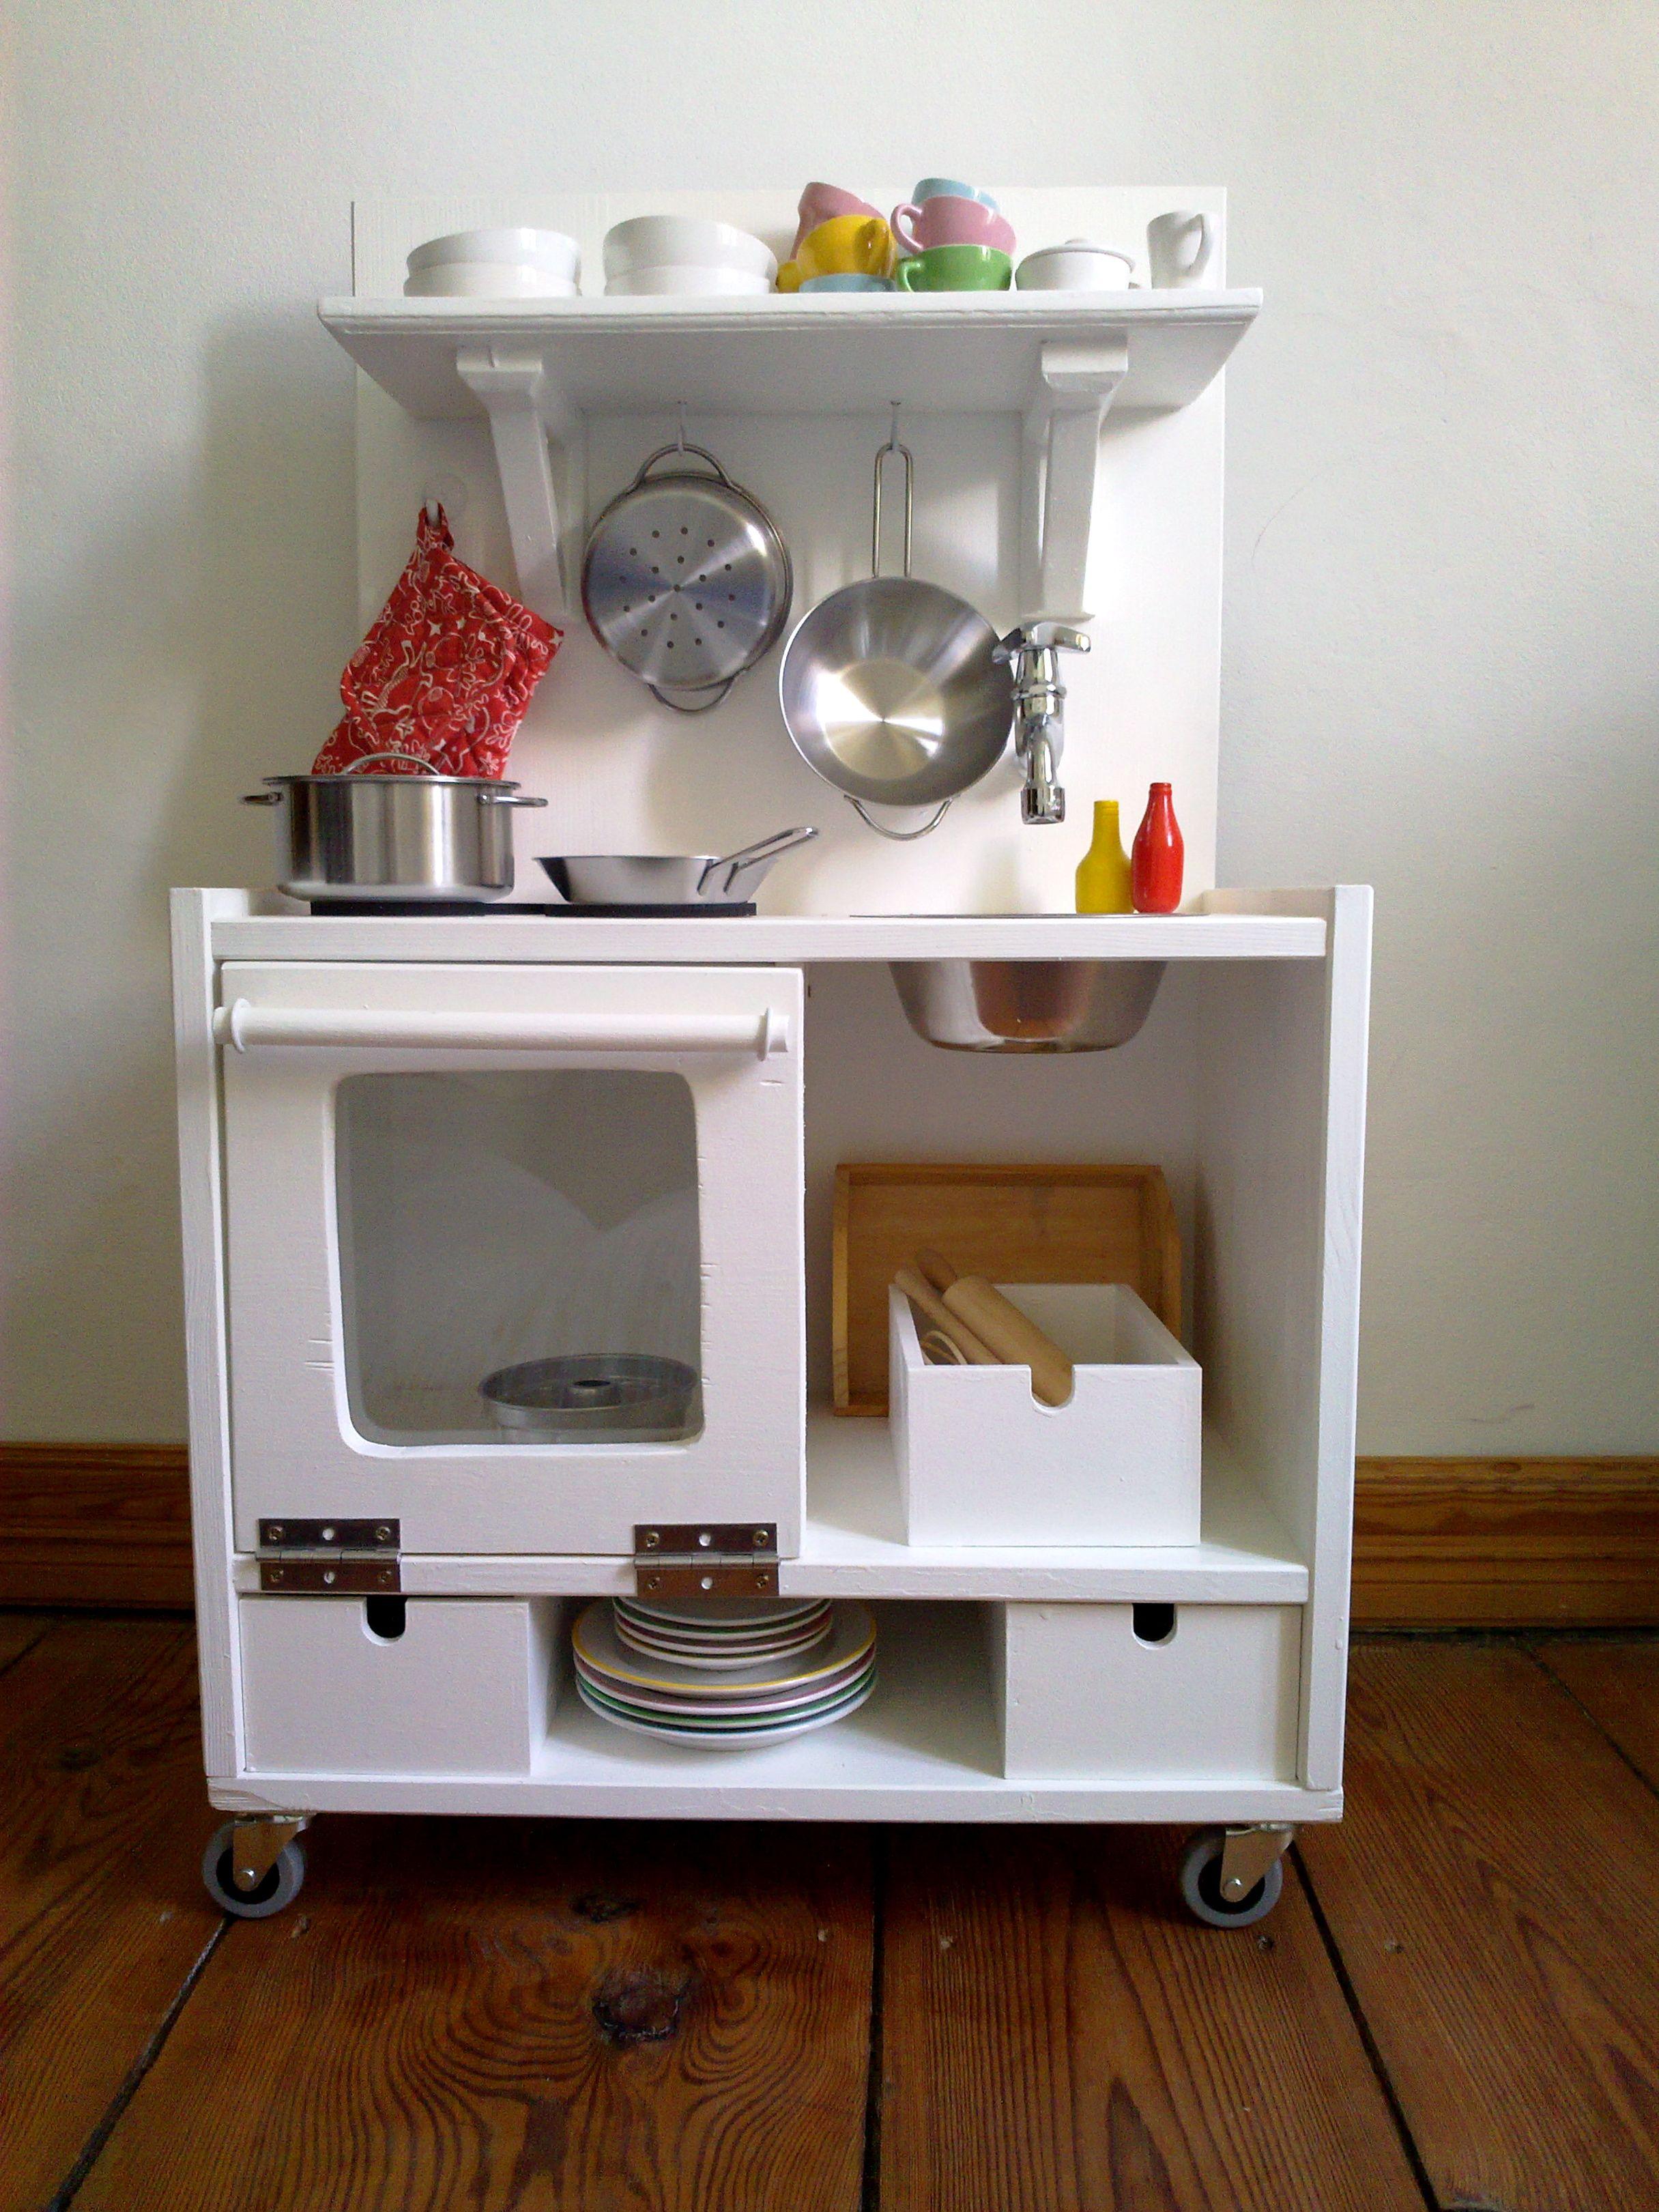 Spielküche aus Ikea-Rast | Diy play kitchen, Ikea play kitchen and Plays